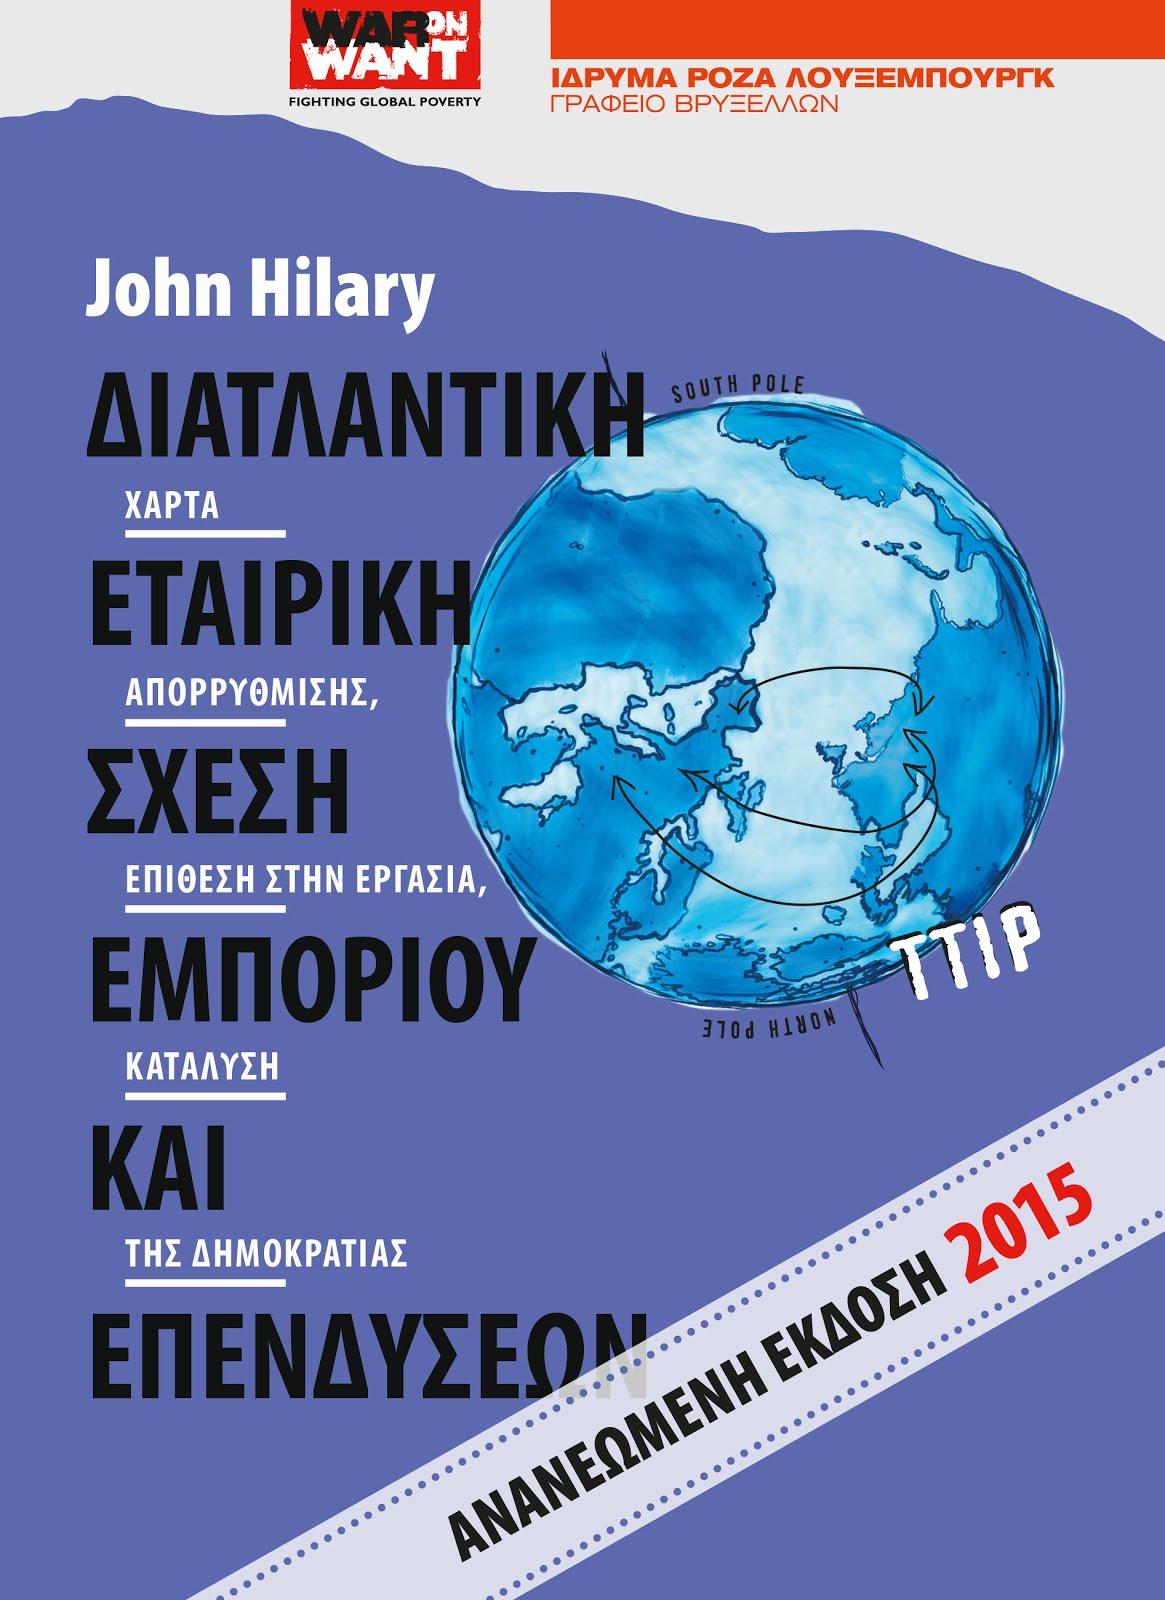 Διατλαντική Εταιρική Σχέση Εμπορίου και Επενδύσεων (TTIP)